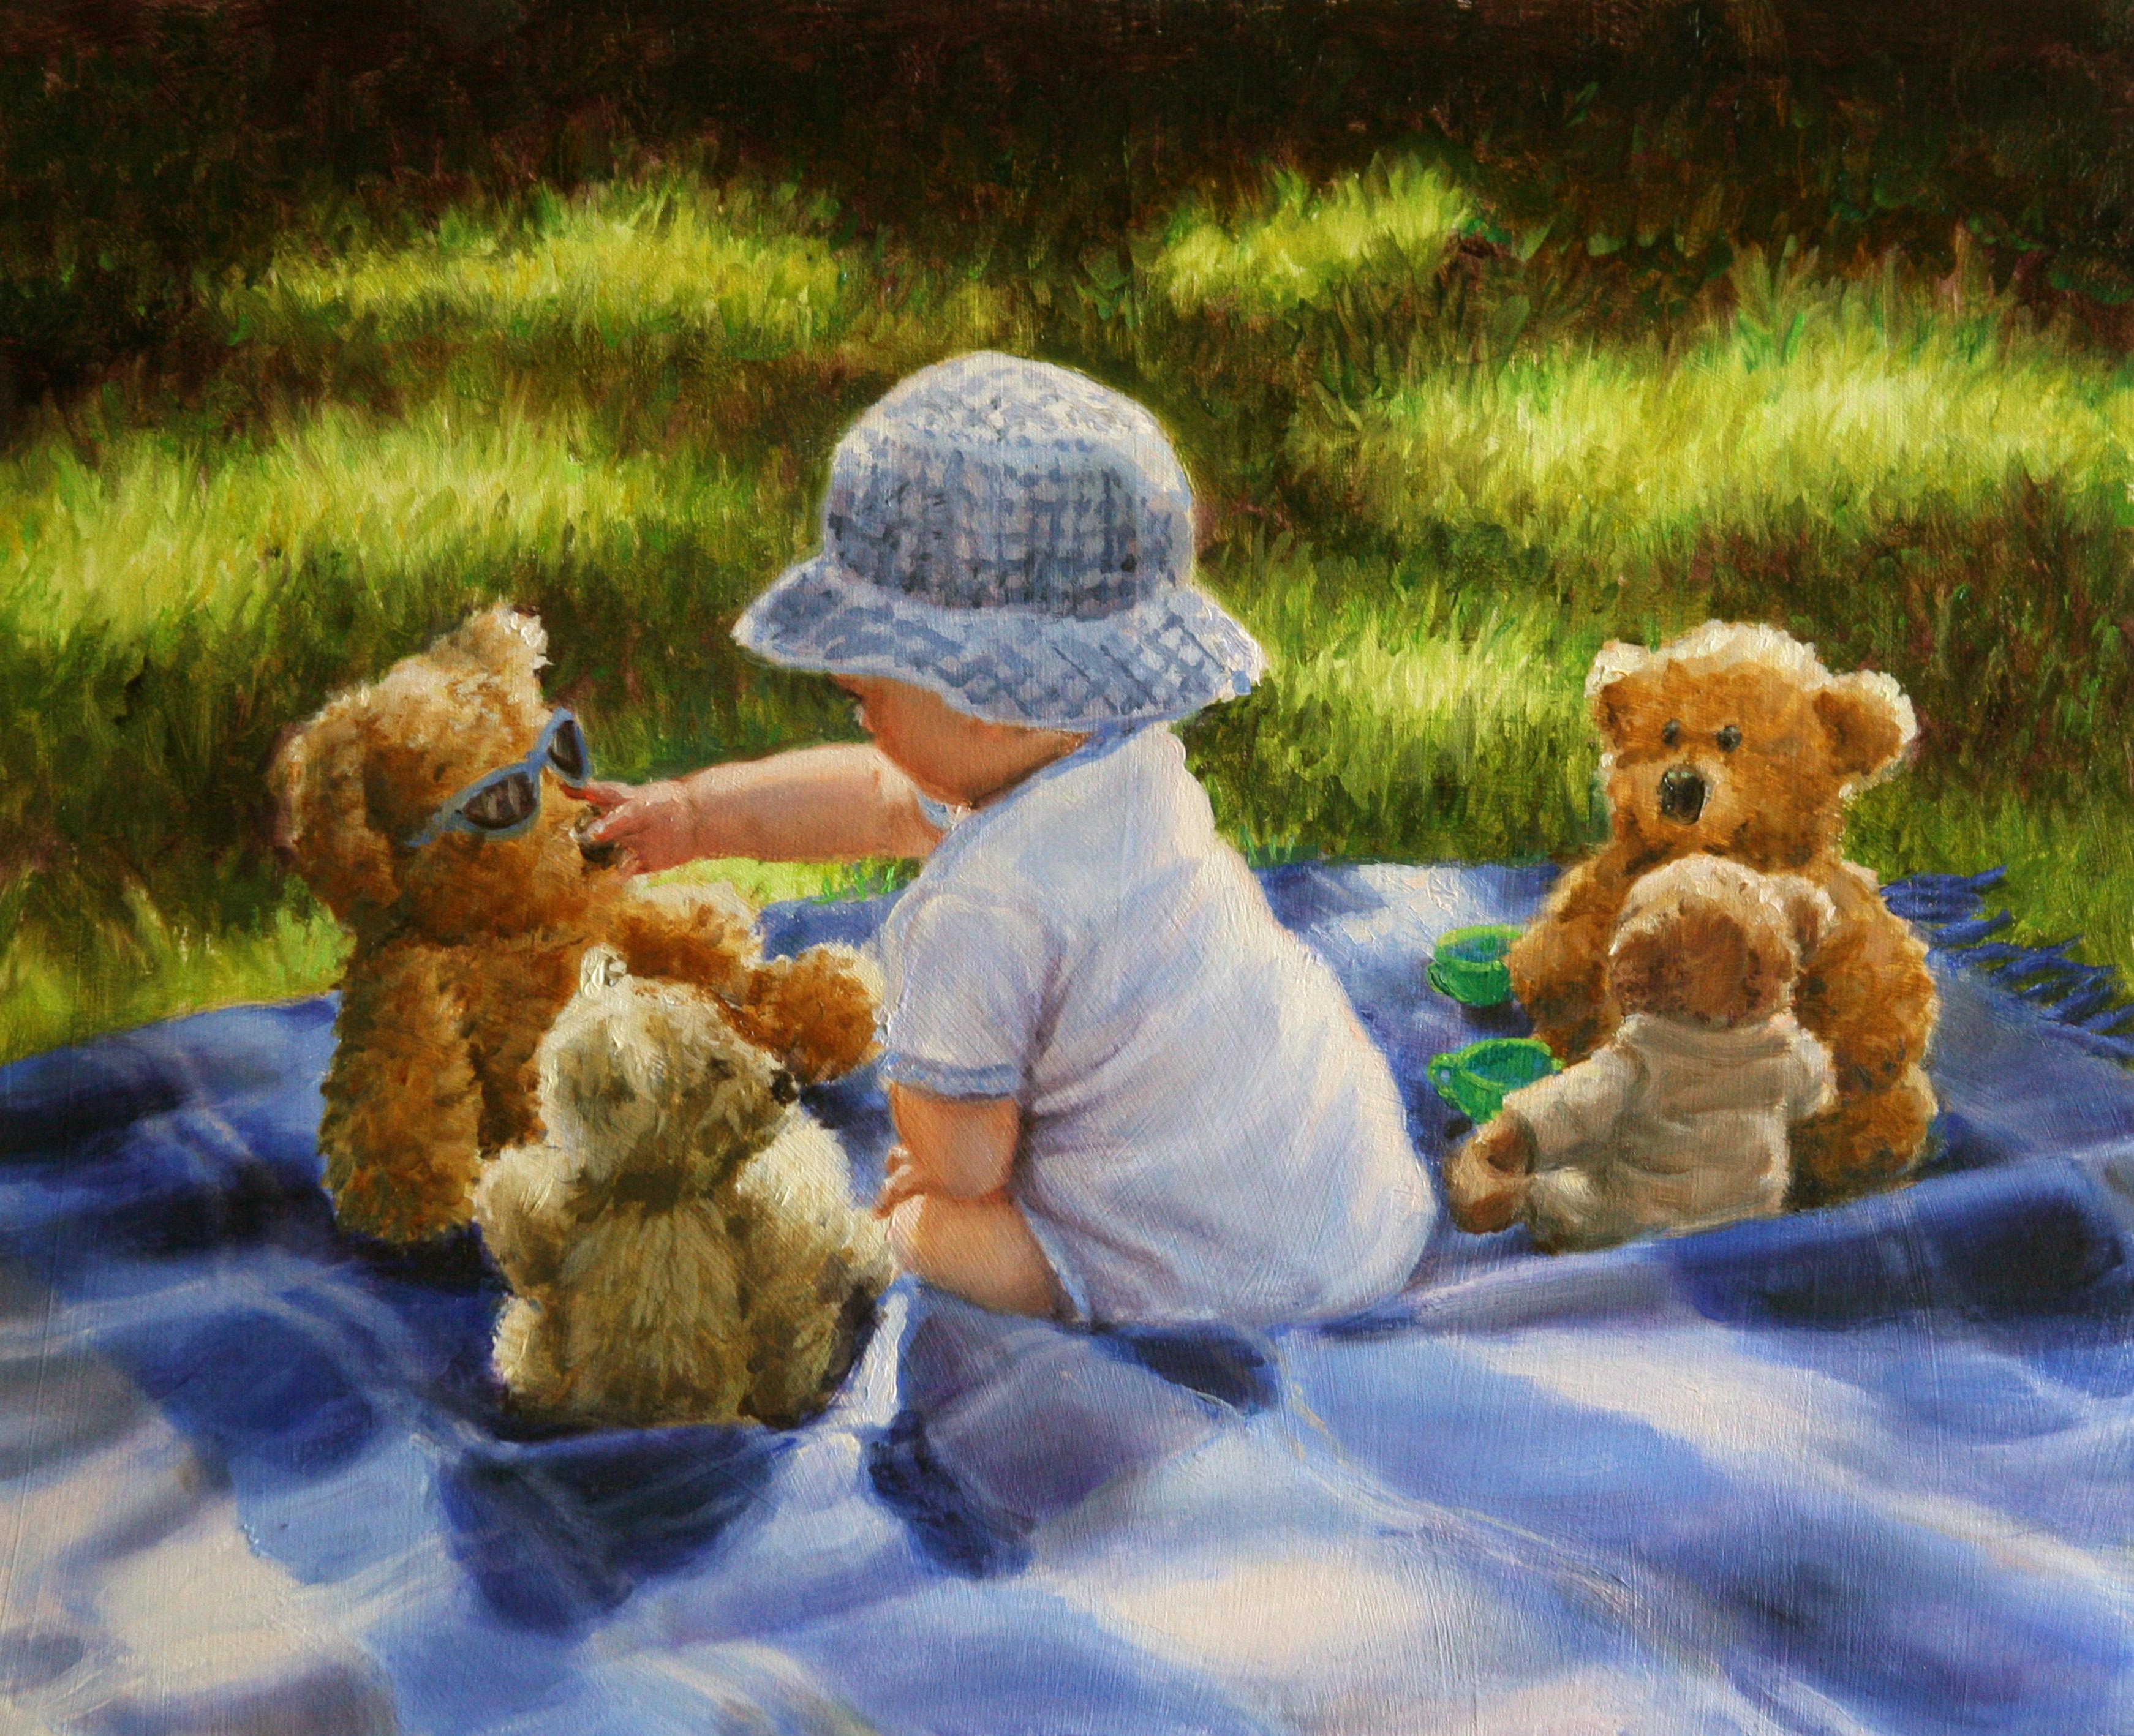 Teddy Bear S Picnic The Teddy Bear Gallery